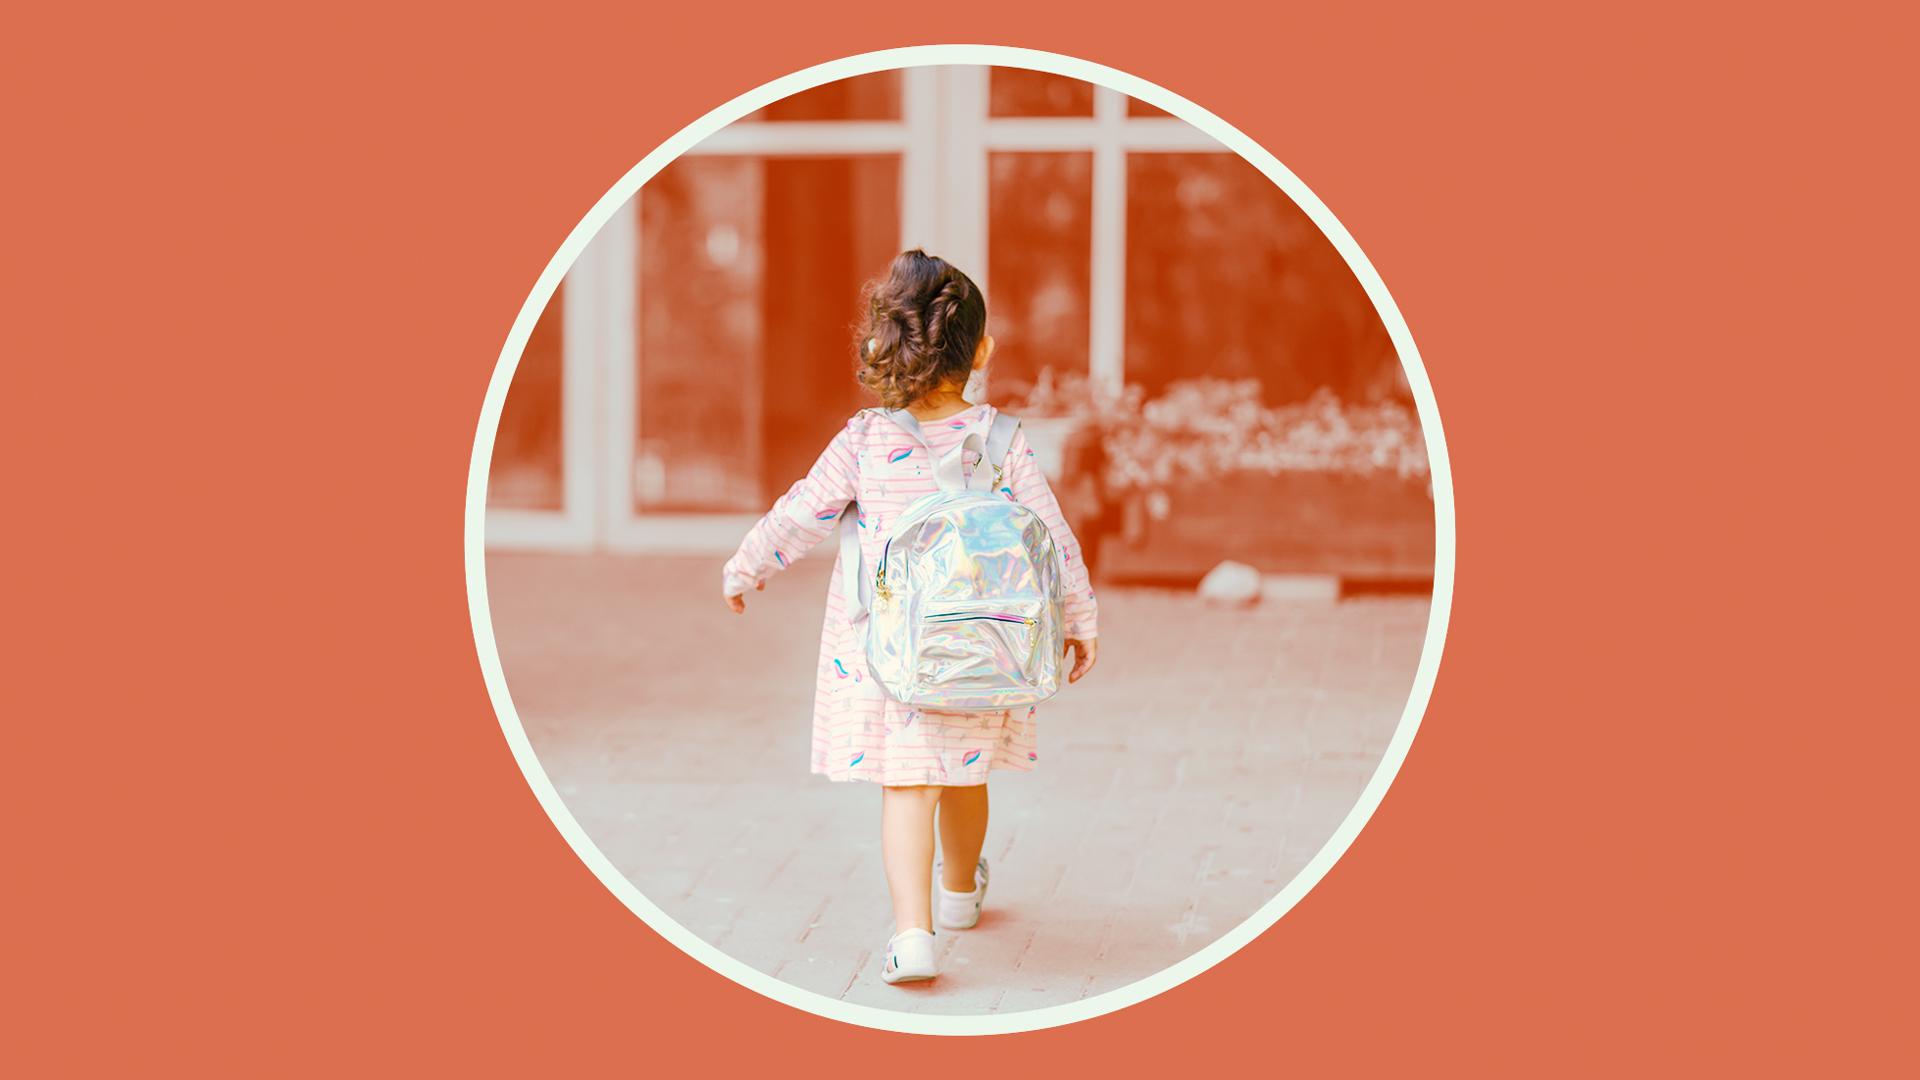 Kindergarten, back-to-school